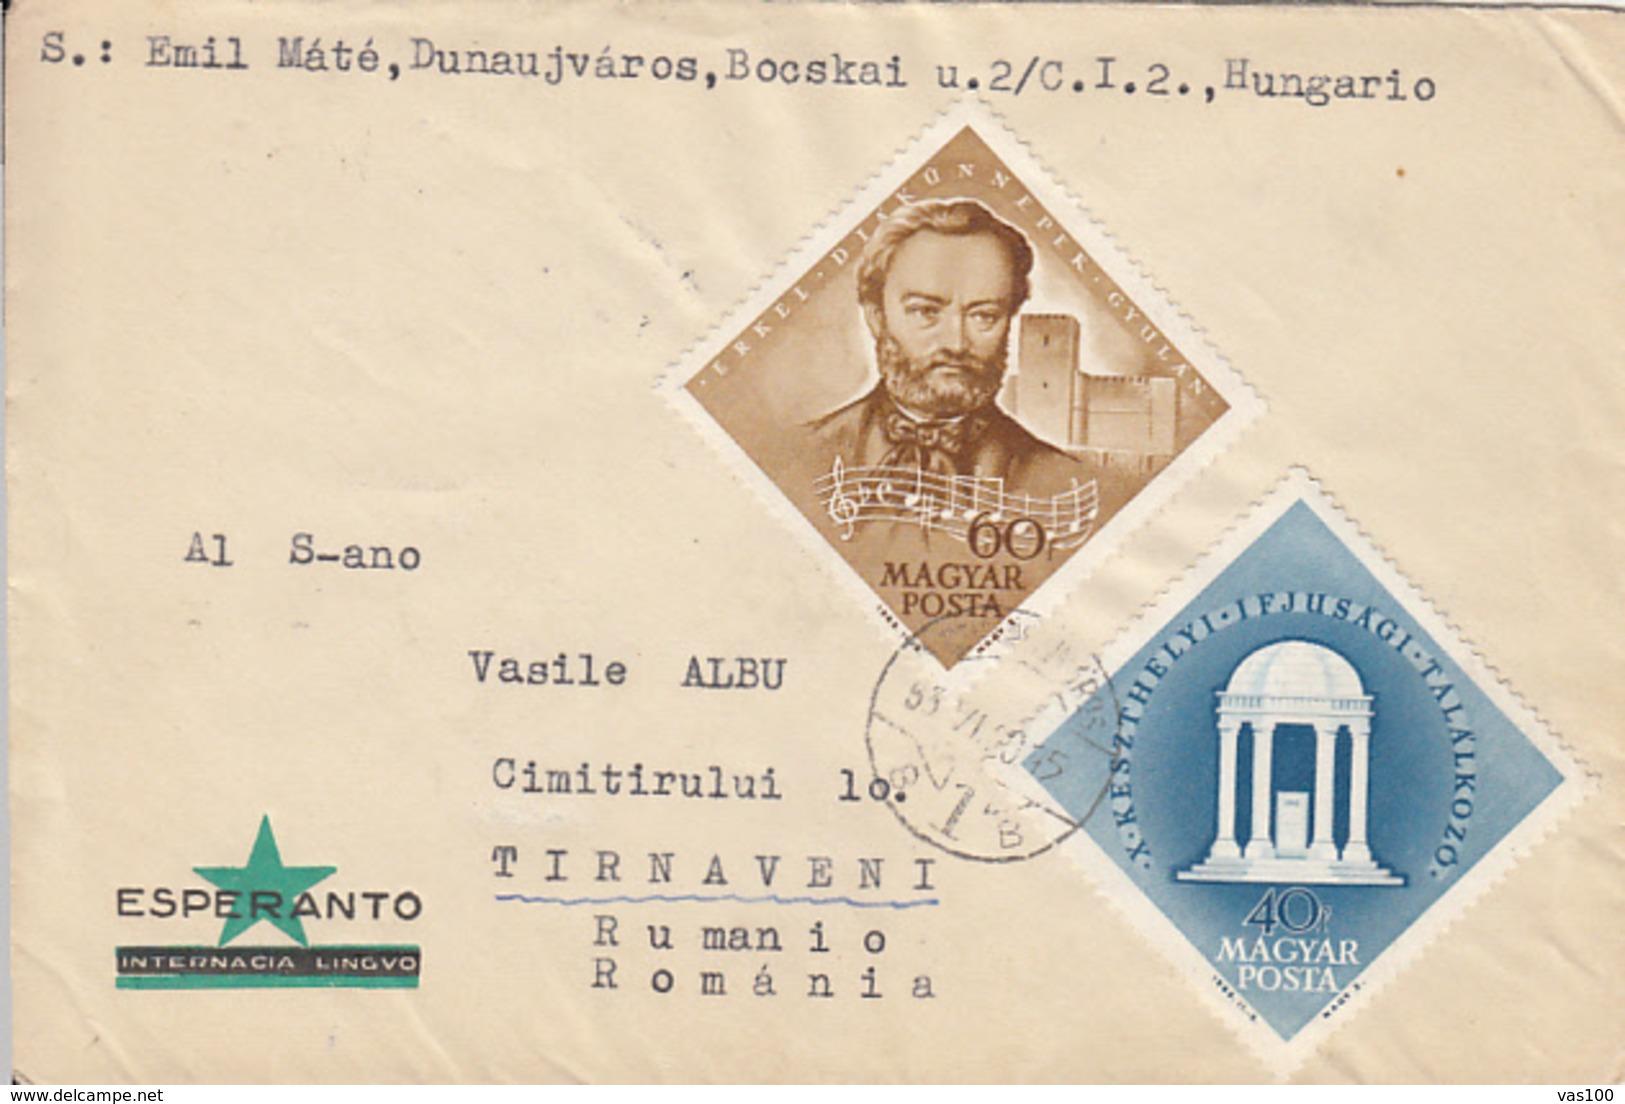 LANGUAGES, ESPERANTO, SPECIAL COVER, 1963, HUNGARY - Esperanto